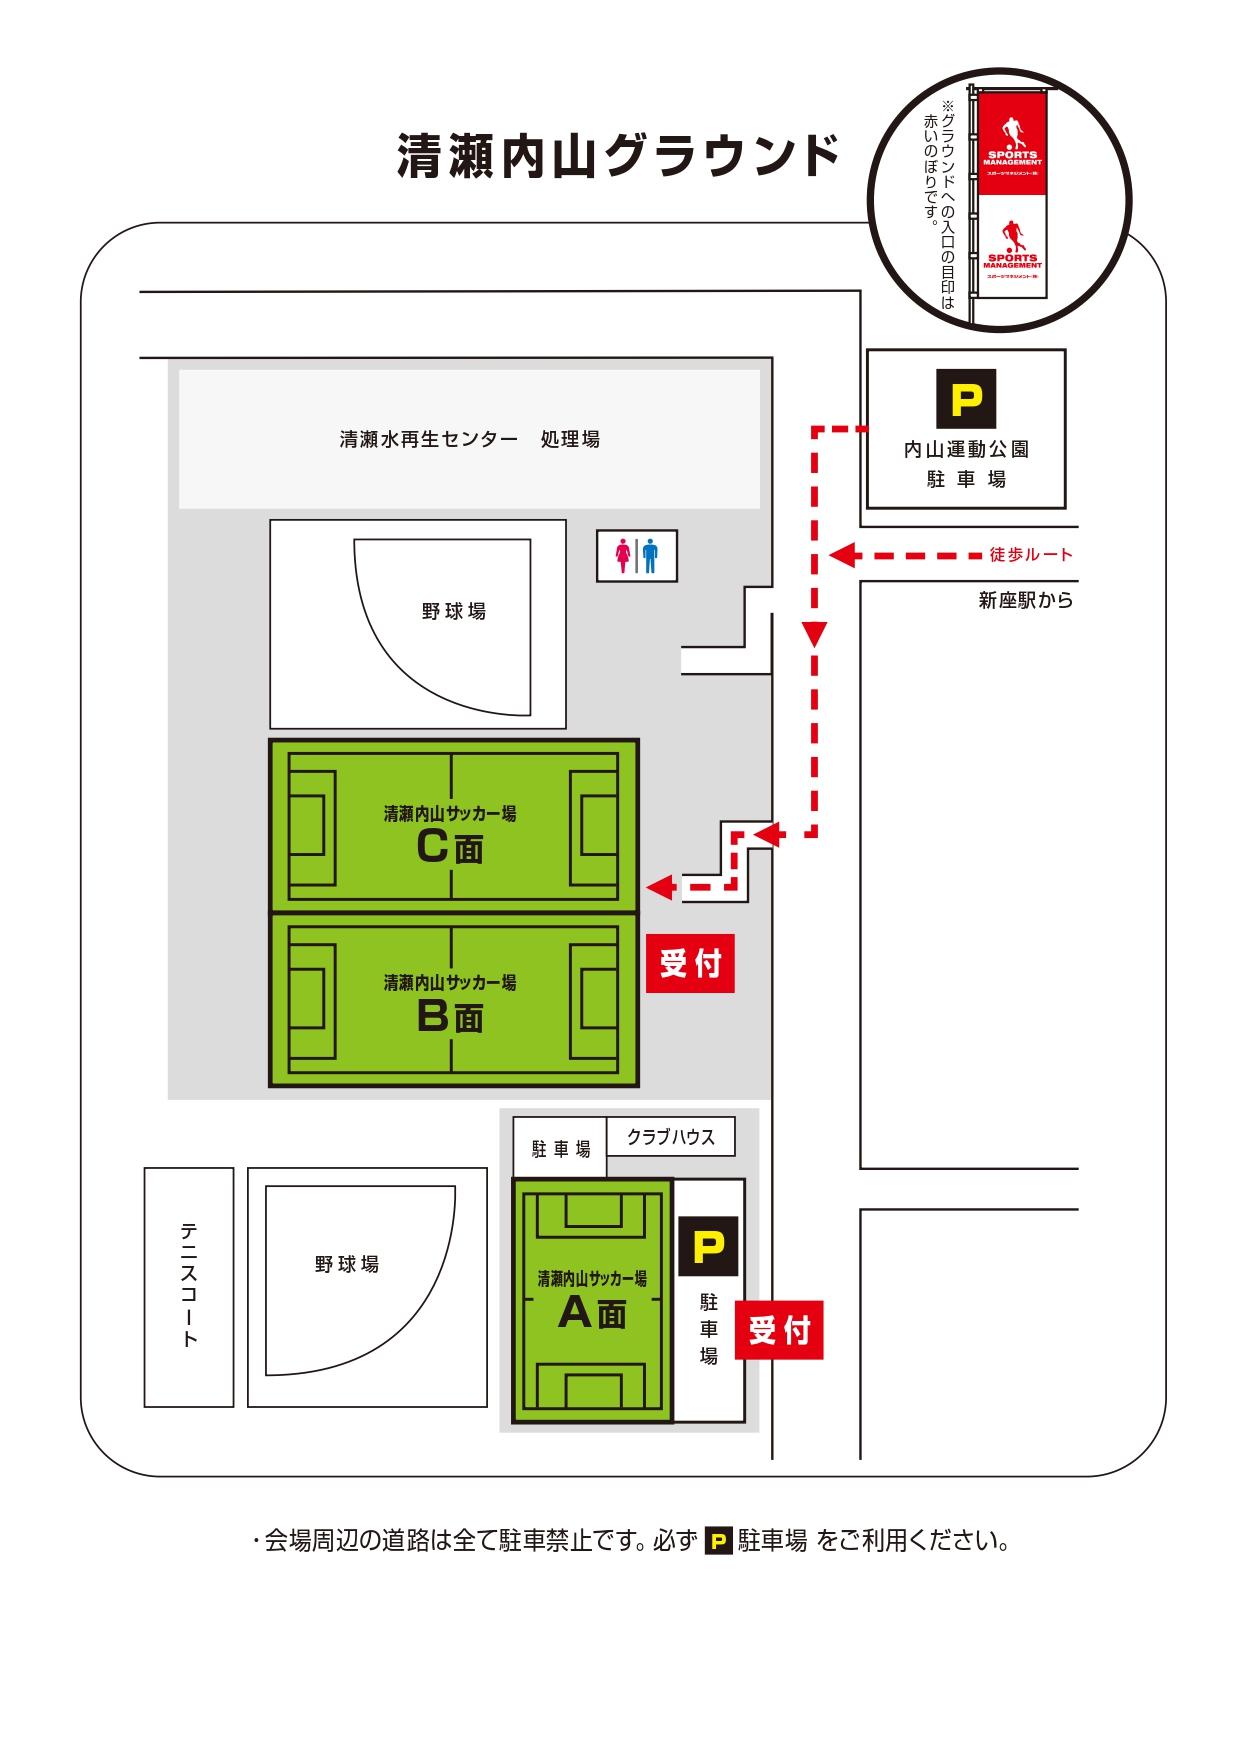 2021/3/8(月) FOOTBALL COMPETITION  【1day交流戦】0308 トーナメント表